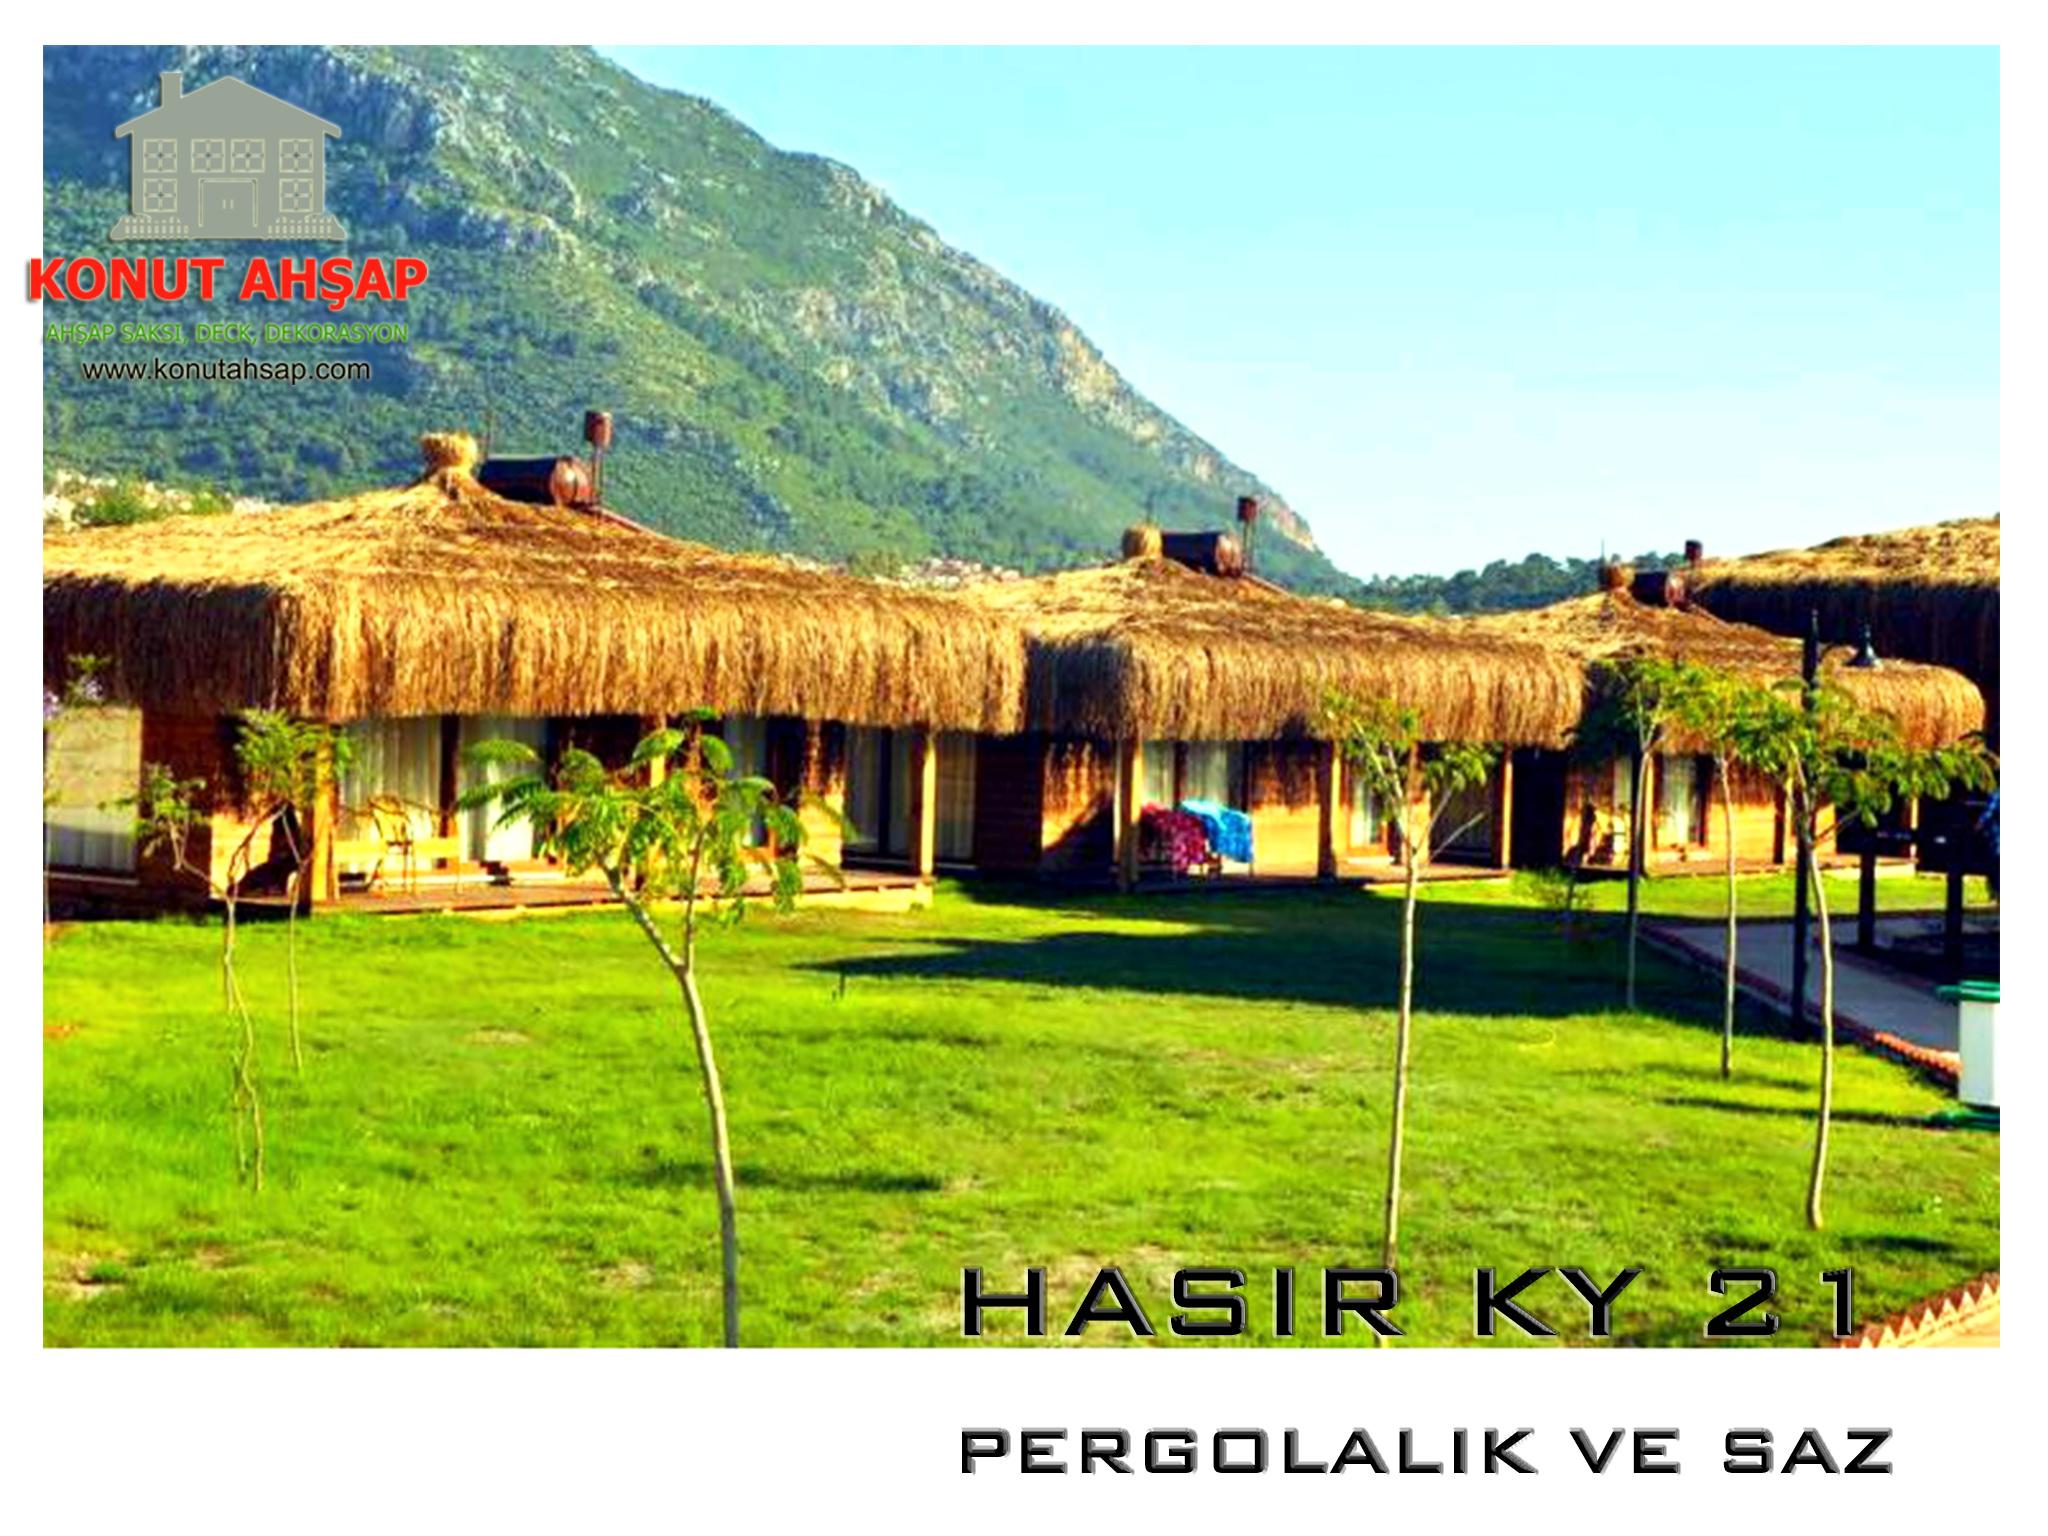 METAL PERGOLA HASIRLI KY 21